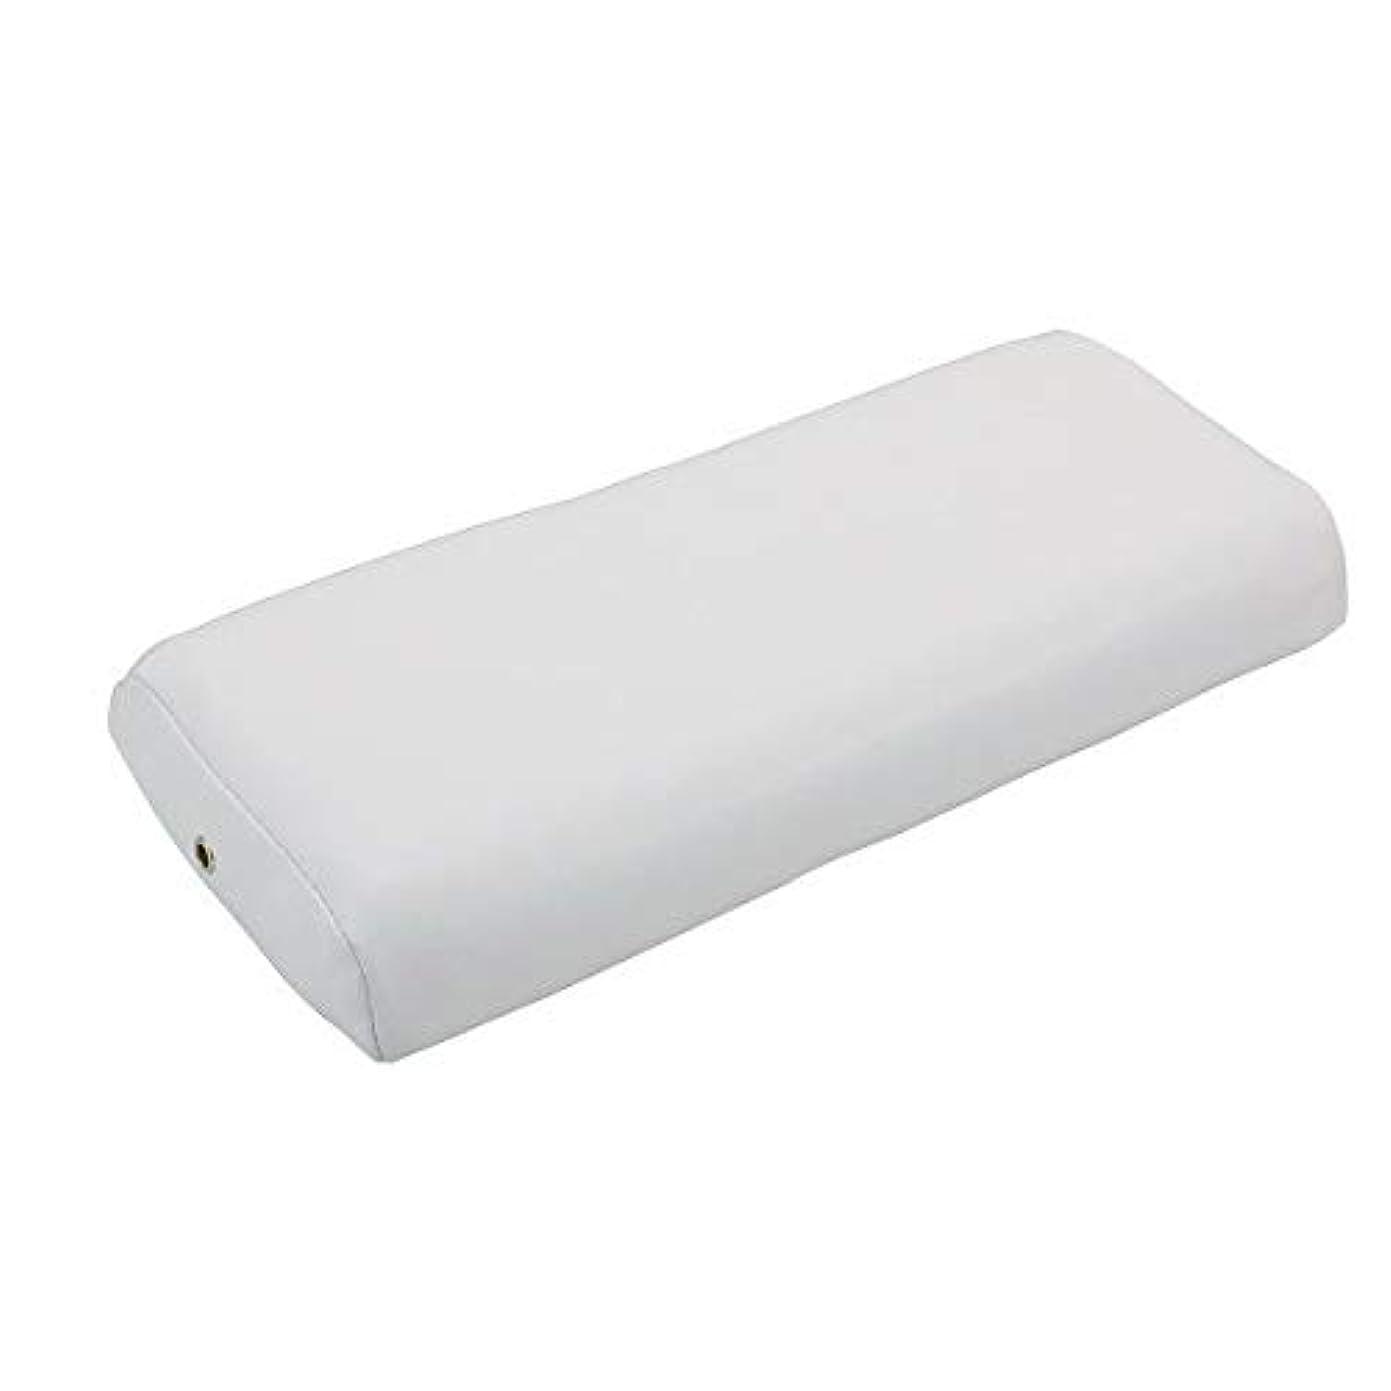 落ち着かない低下ストライドNEOかどまる枕 FV-921 【 ホワイト 】 フェイスまくら フェイス枕 うつぶせ枕 マッサージ枕